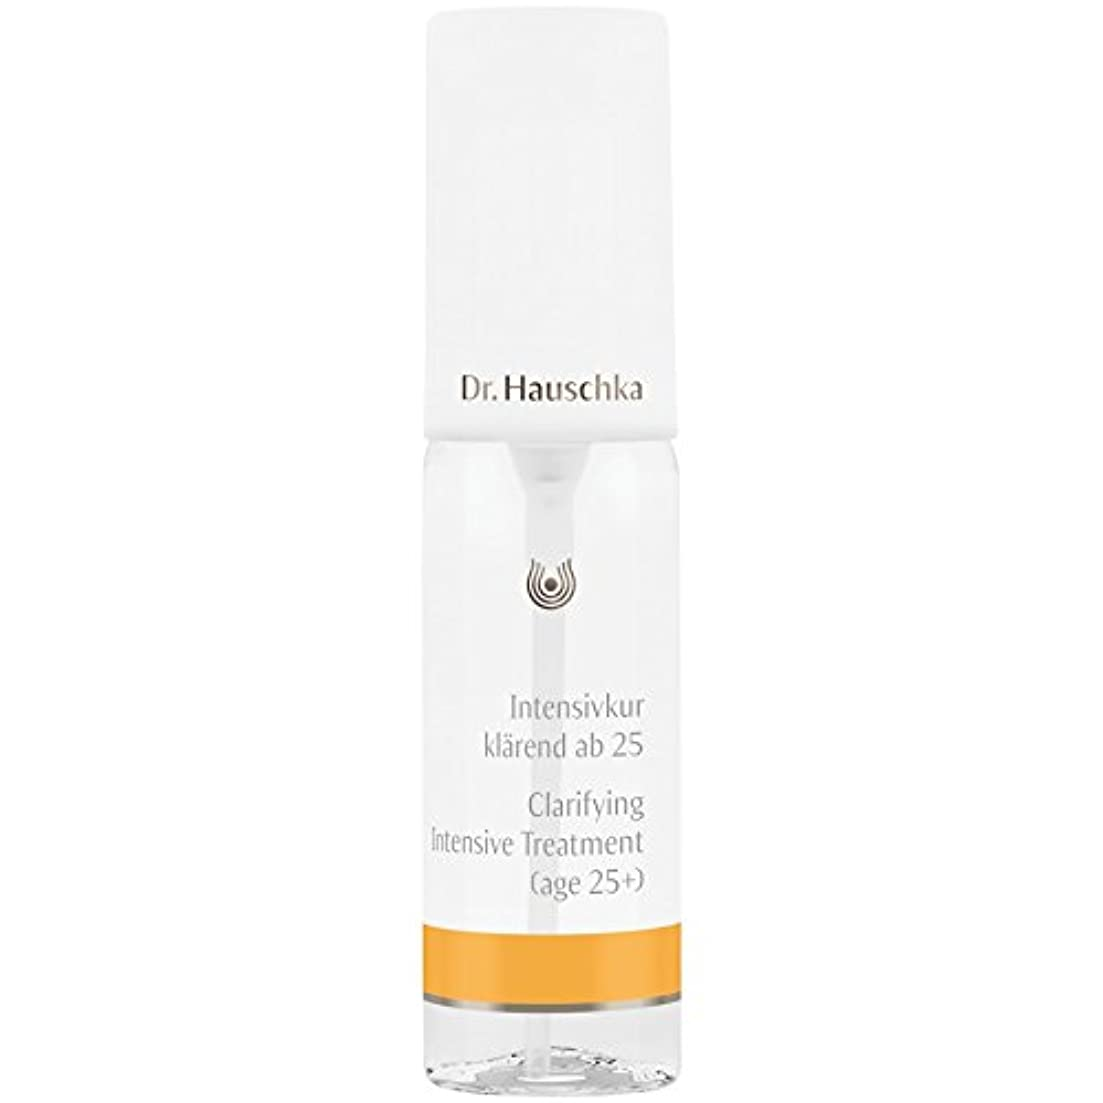 オーナメントウルルデザイナー[Dr Hauschka] 25+ 02 40ミリリットルのための集中治療を明確化のDrハウシュカ - Dr Hauschka Clarifying Intensive Treatment For 25+ 02 40ml...